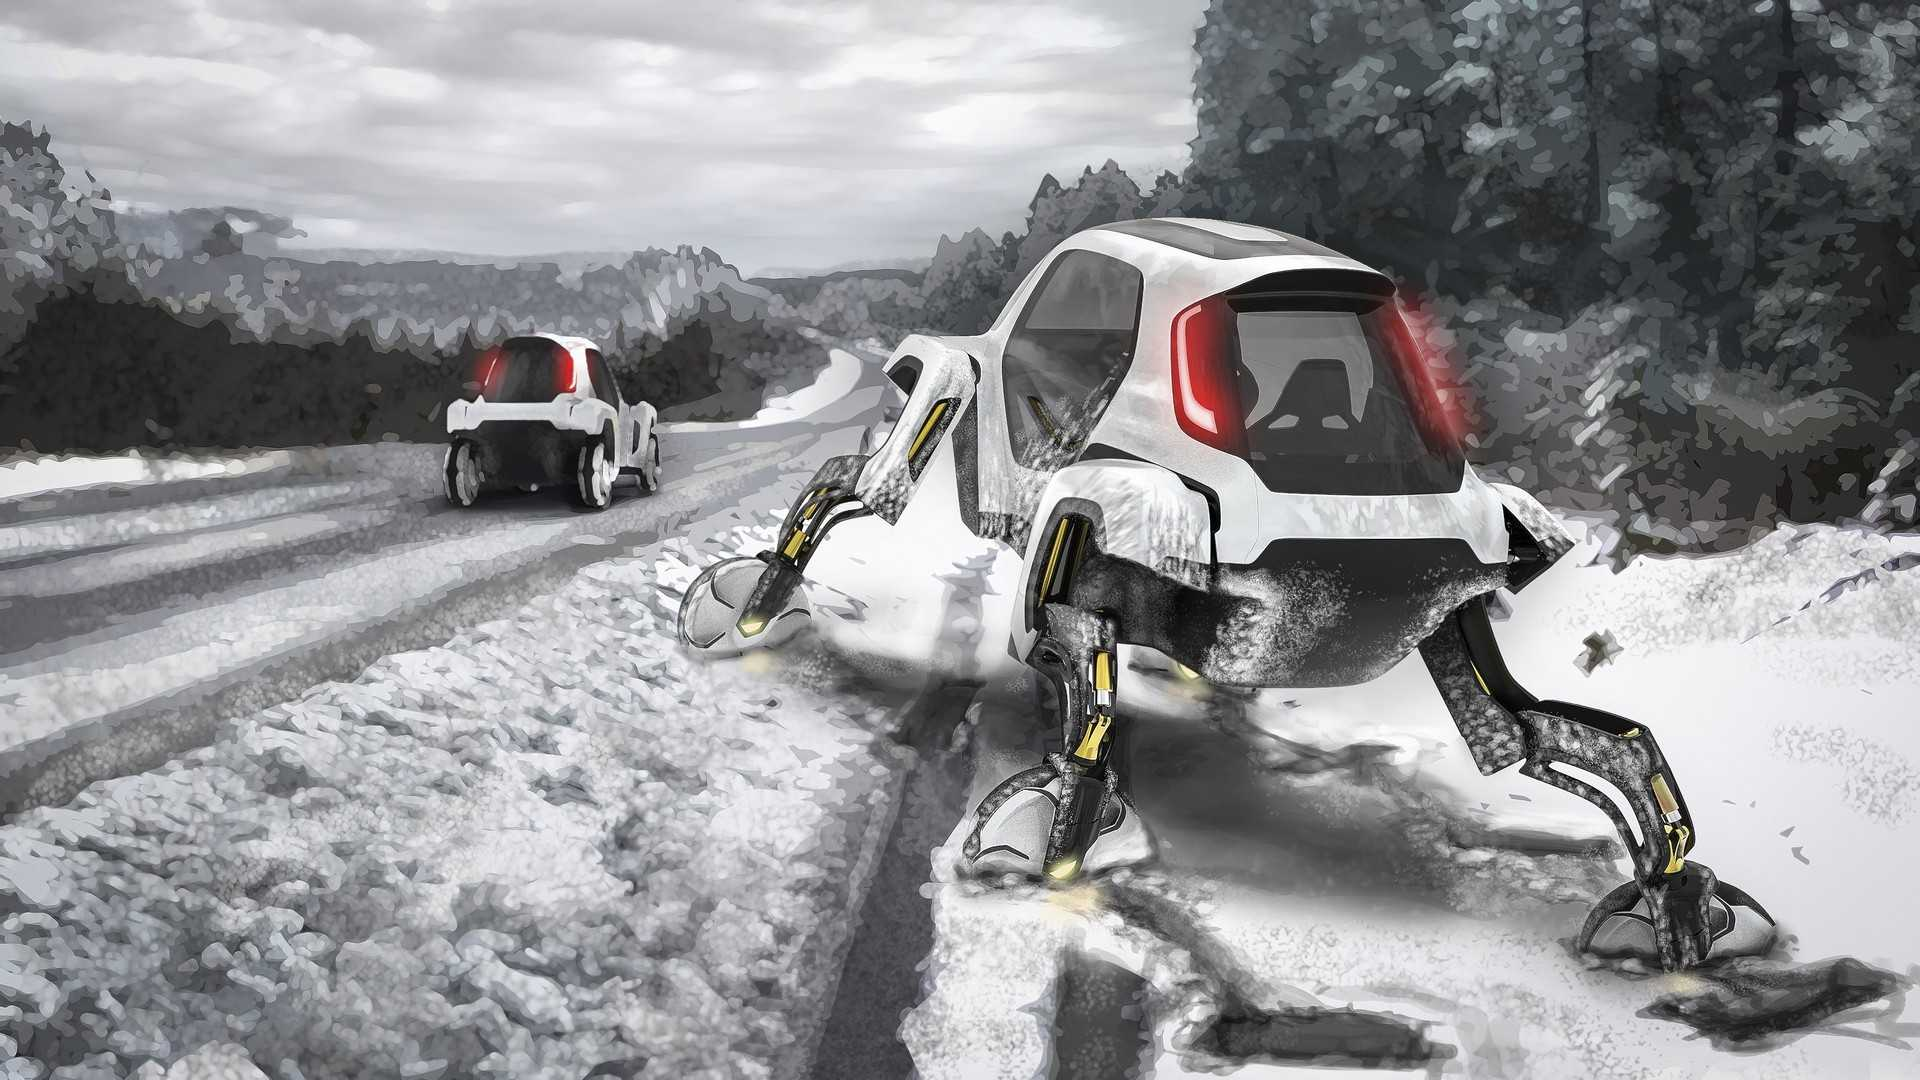 На выставке в Лас-Вегасе южнокорейская компания Hyundai продемонстрировала прототип с роботизированными ногами